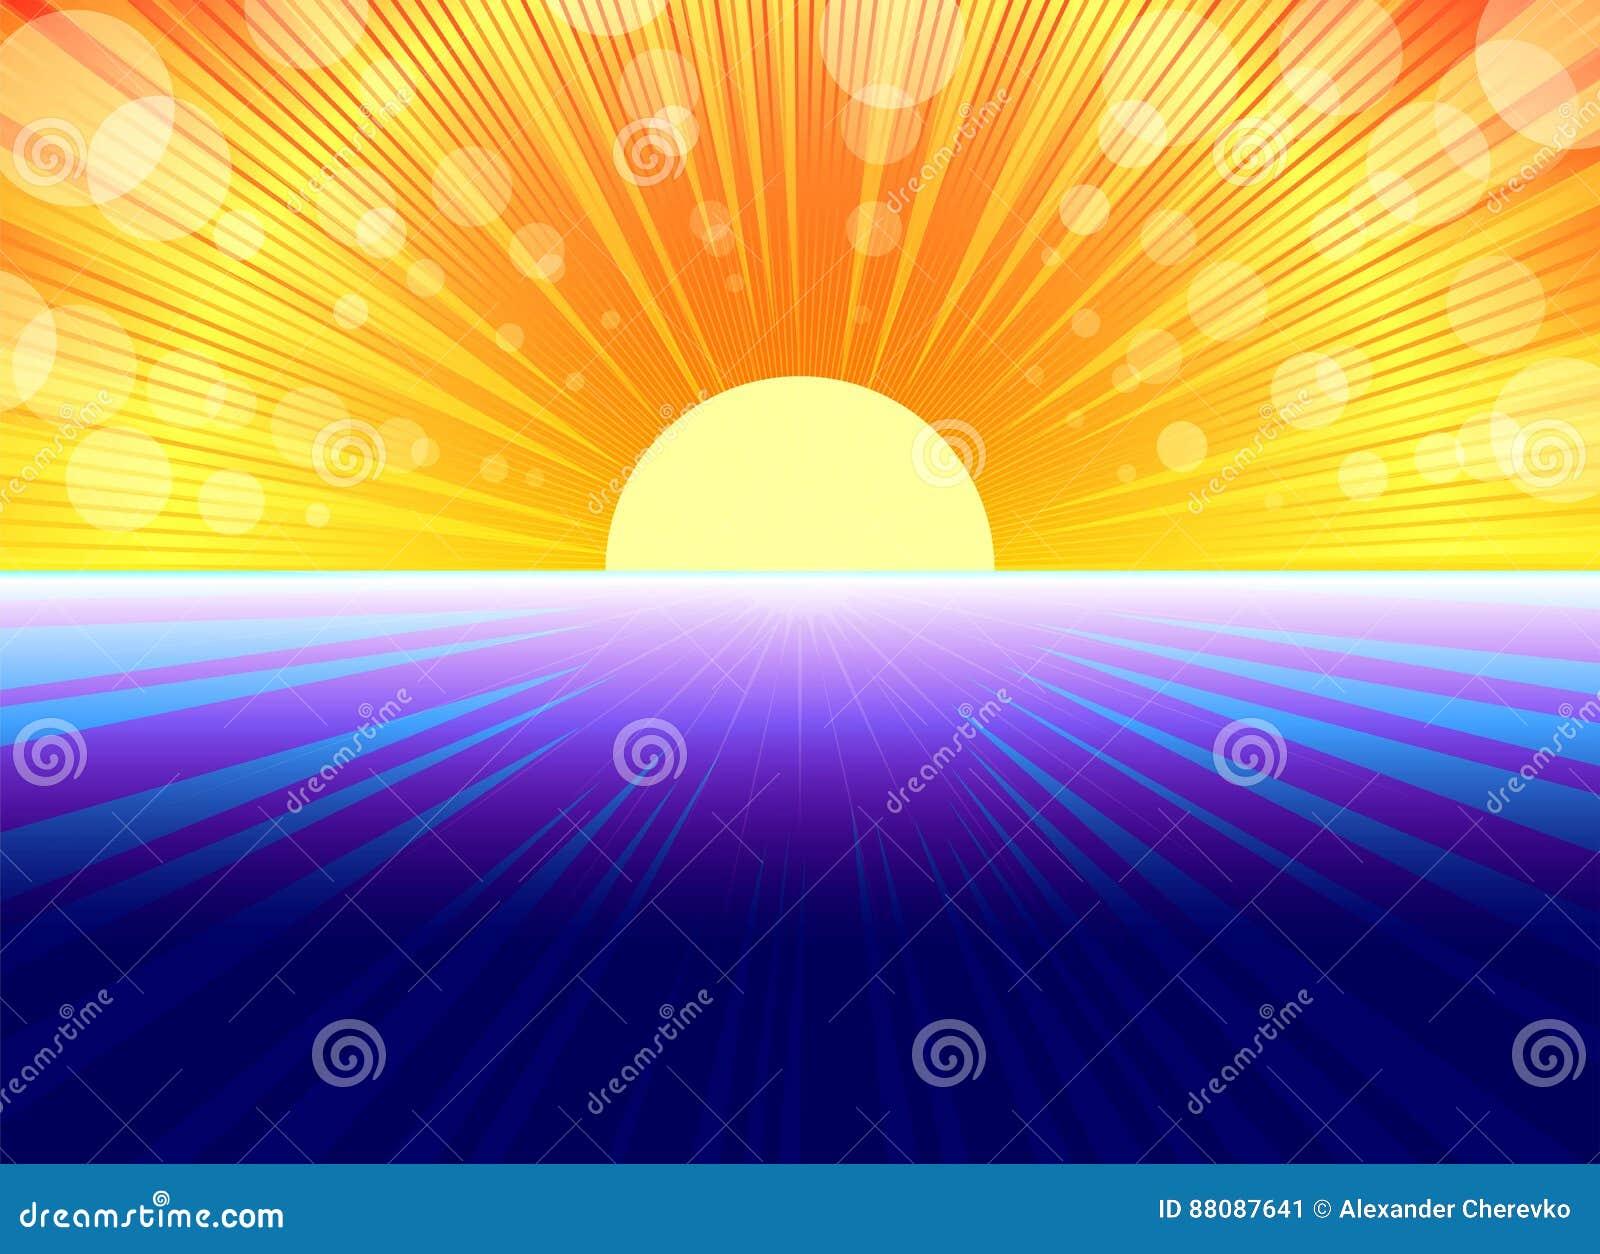 Fondo amarillo azul con los rayos del sol ilustraci n del for Fondo del sol